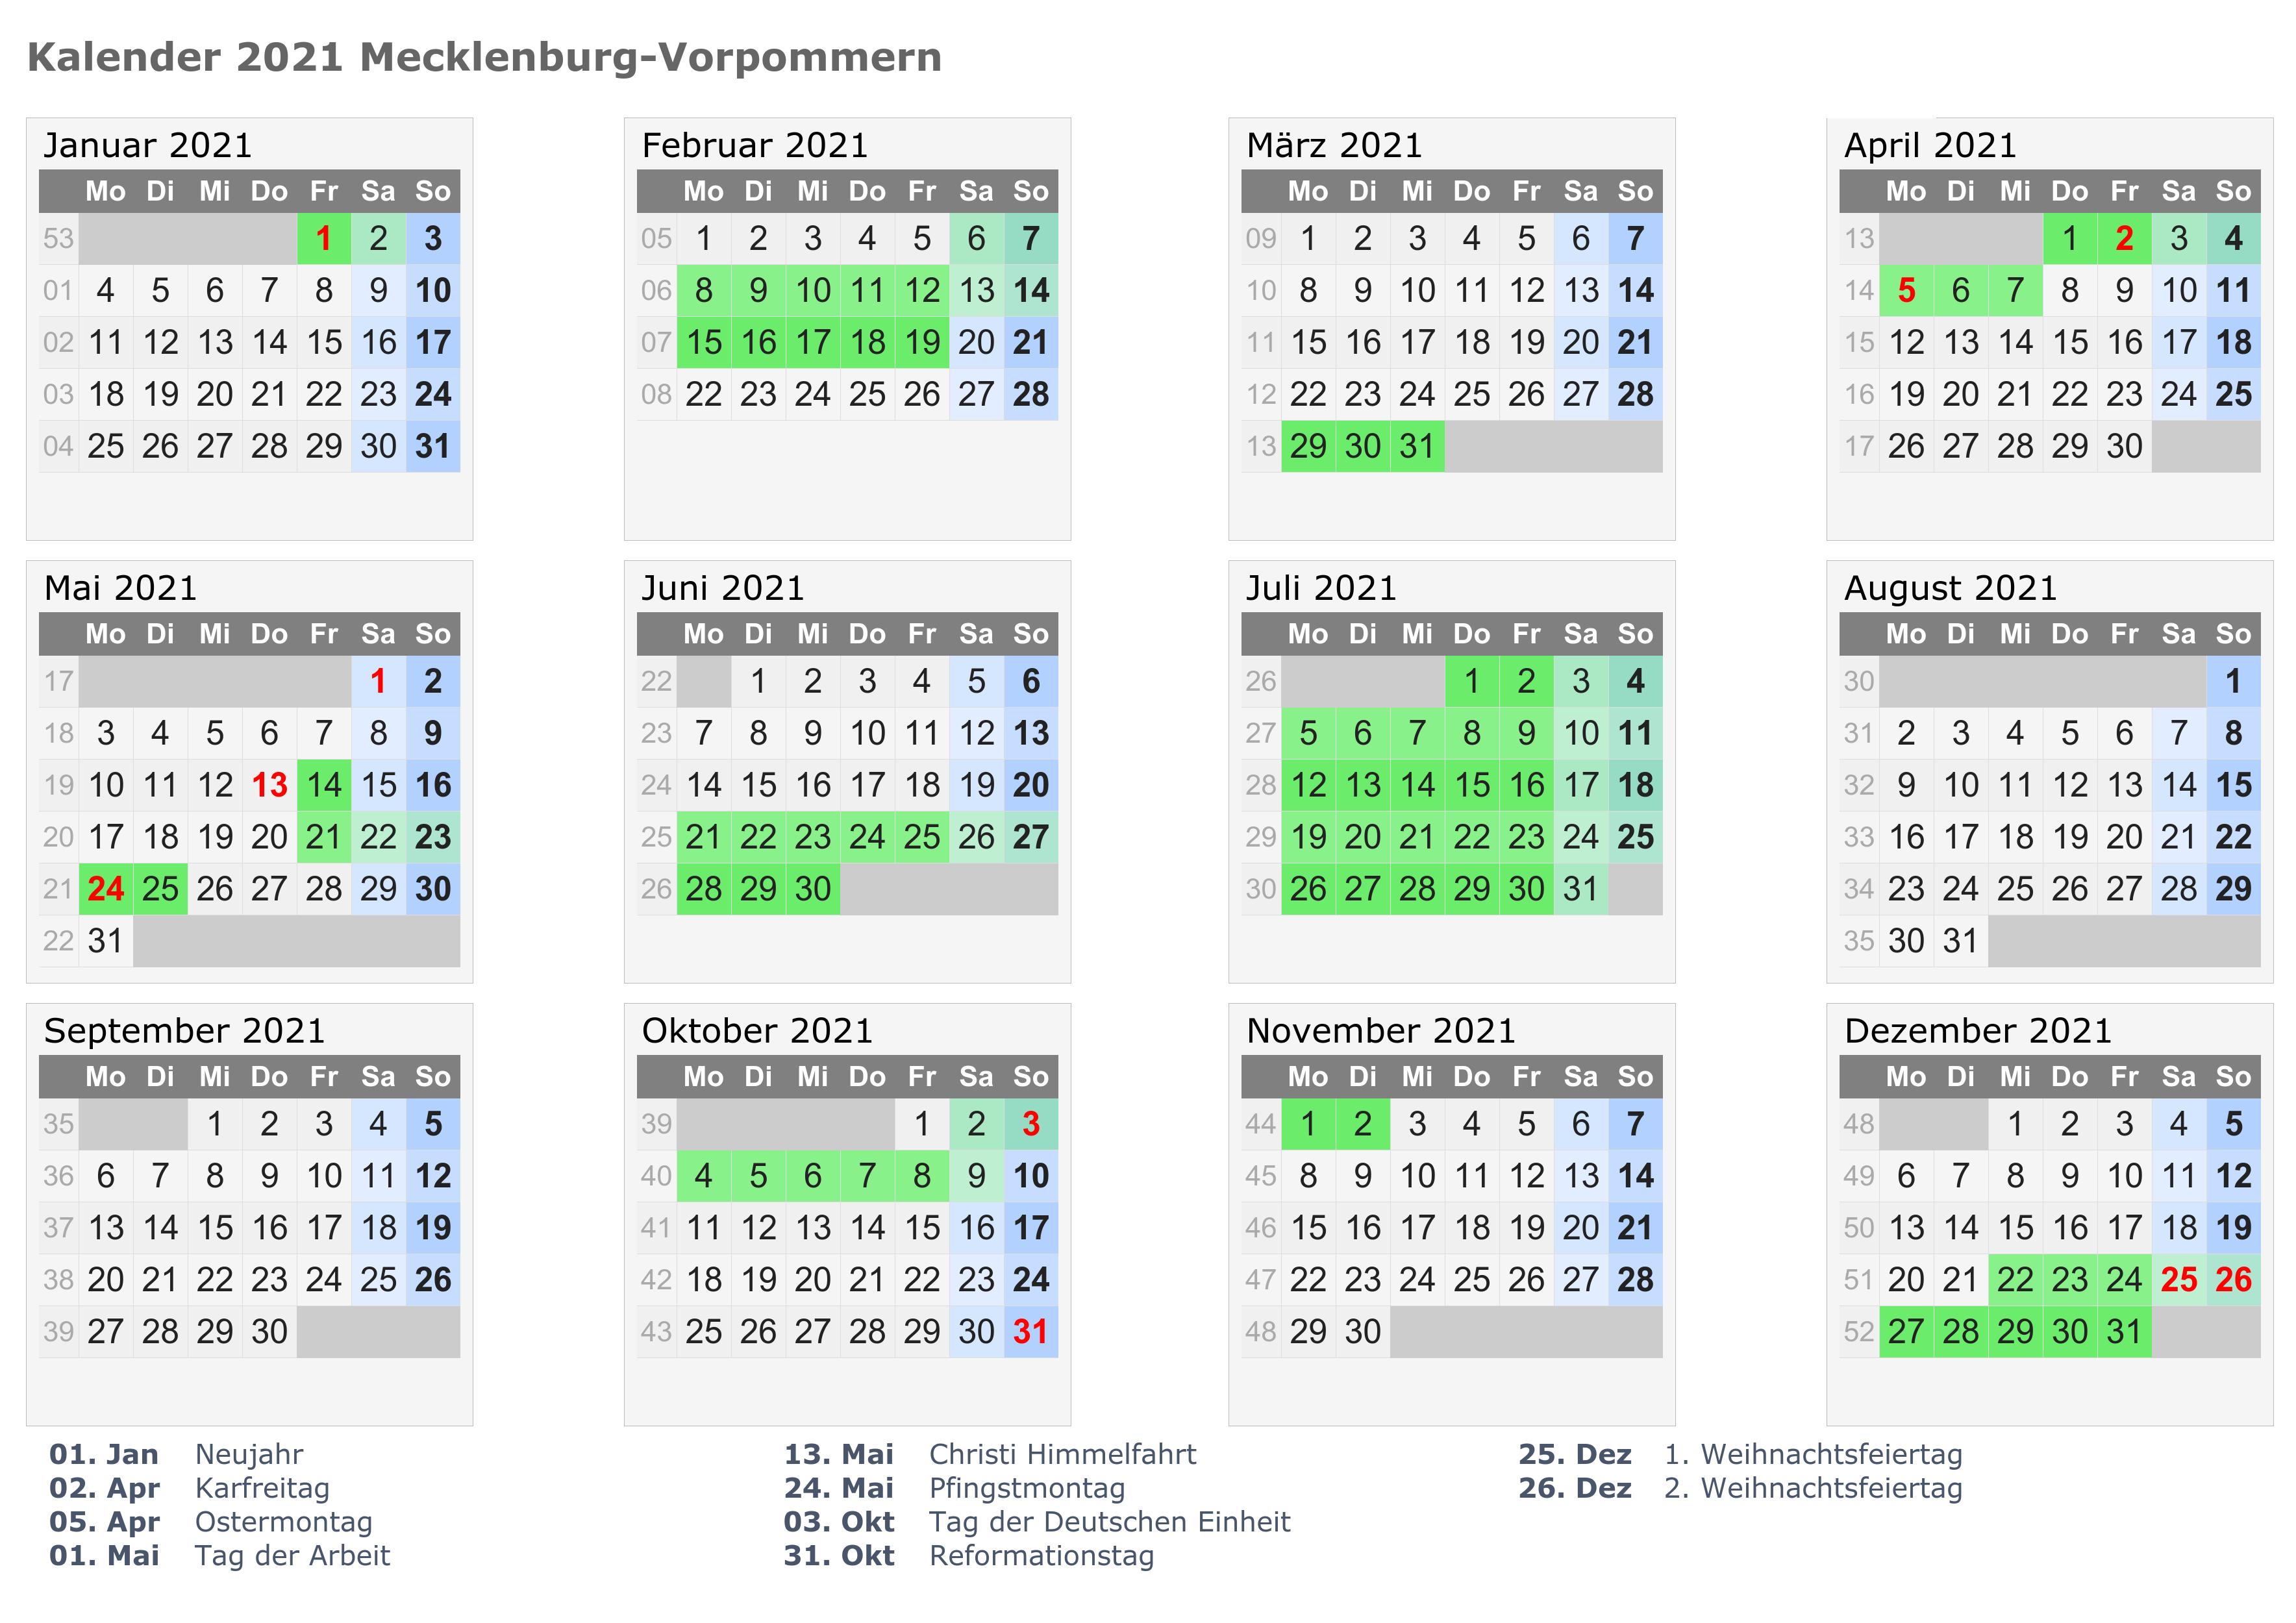 Kalender Mecklenburg-Vorpommern 2021 Zum Ausdrucken